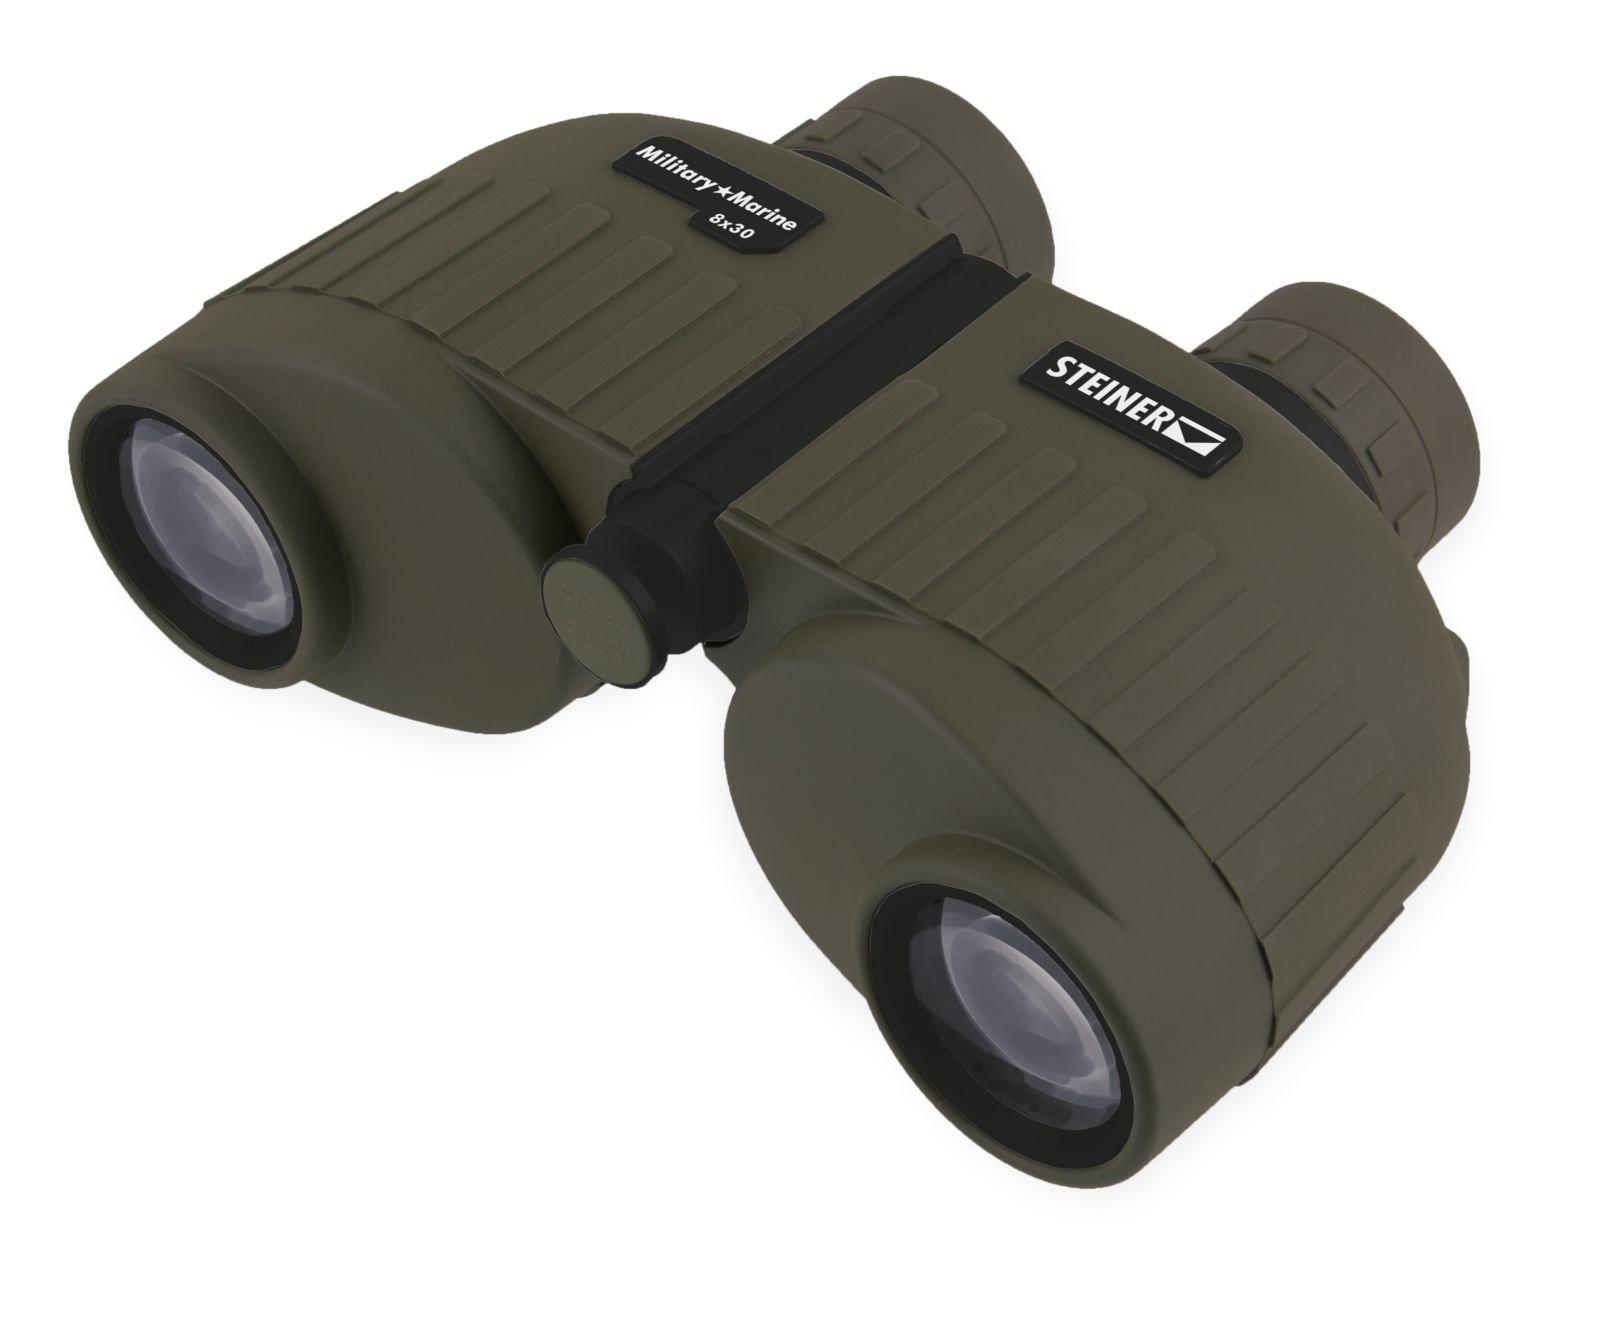 Steiner 2033 Military-Marine 8x30 Binoculars by Steiner